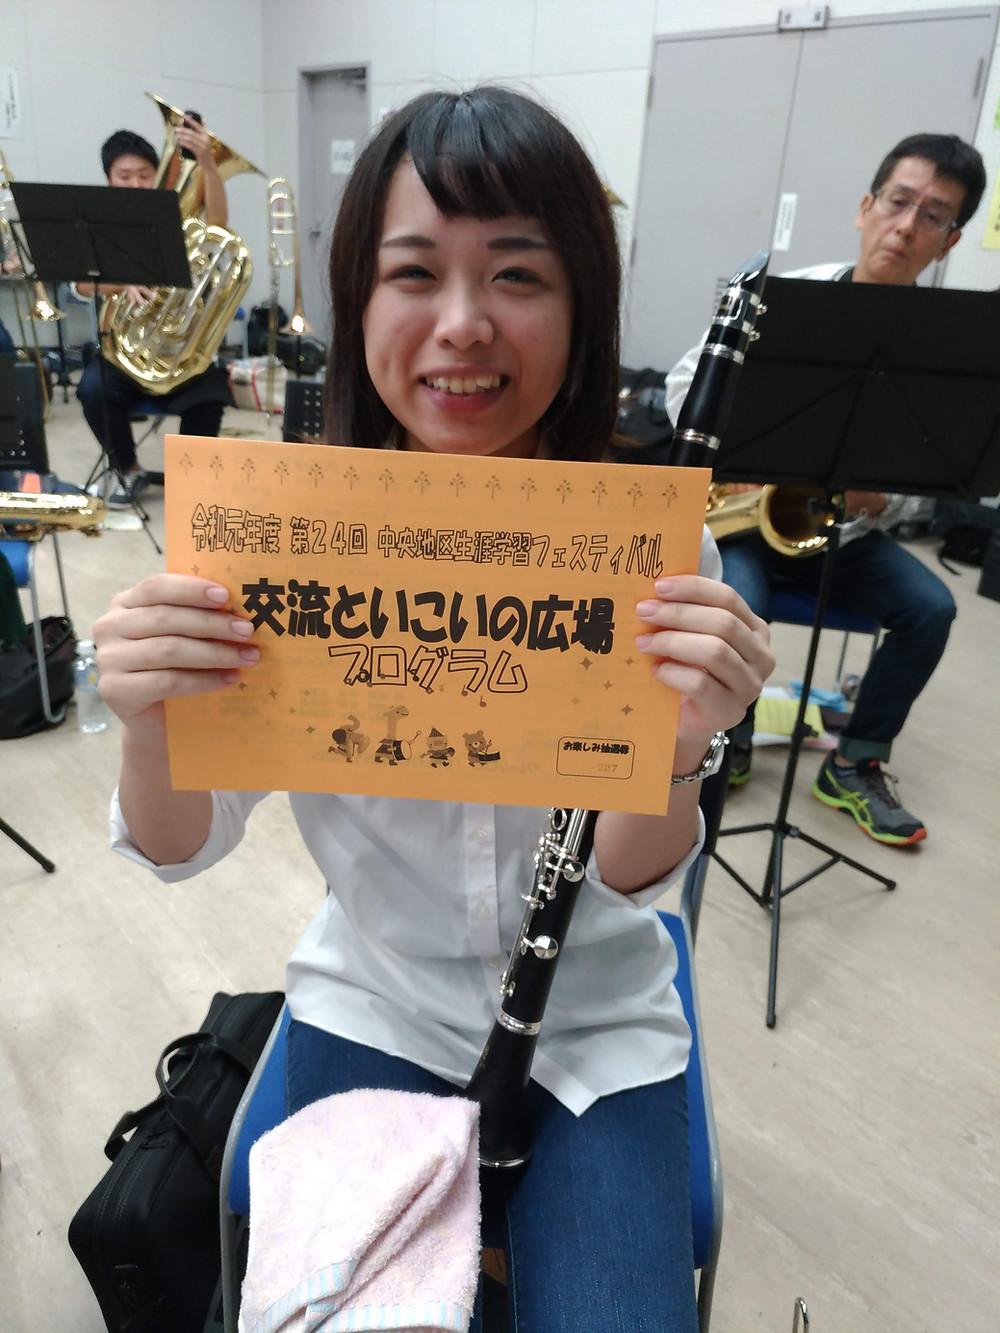 プログラムを片手に持つクラリネット奏者